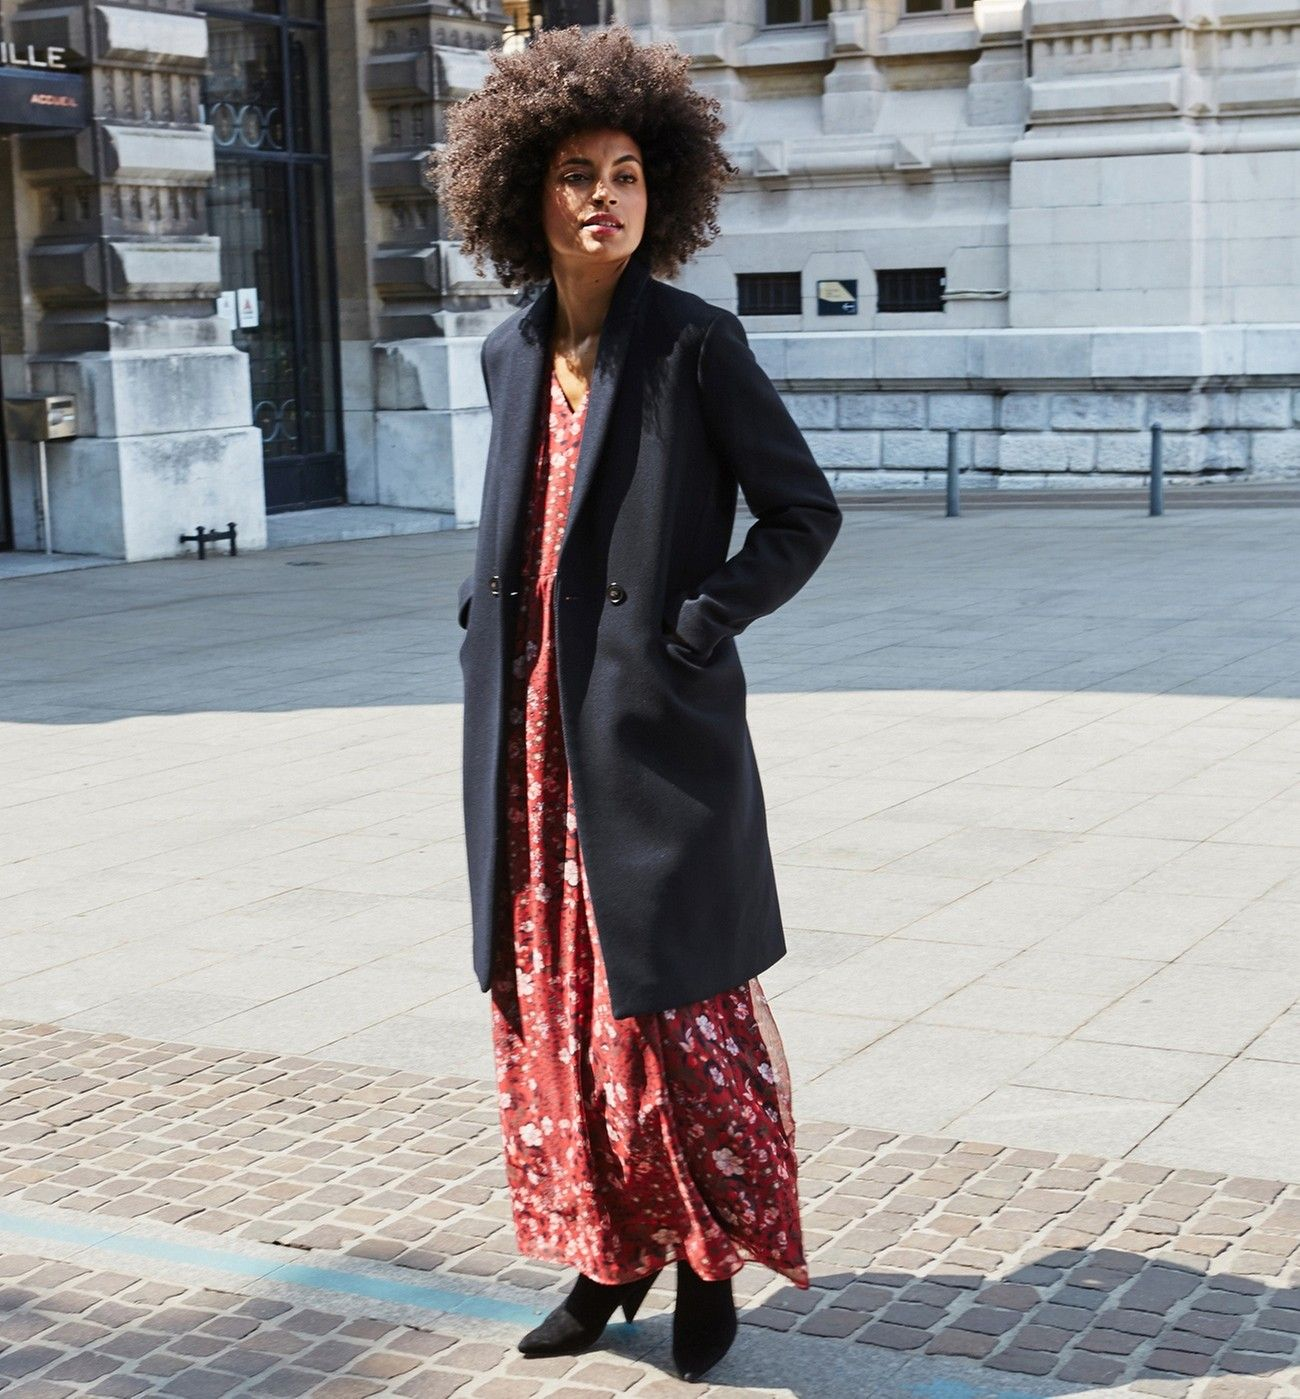 forme élégante sélection mondiale de nouveau style et luxe Épinglé sur Mode Femme